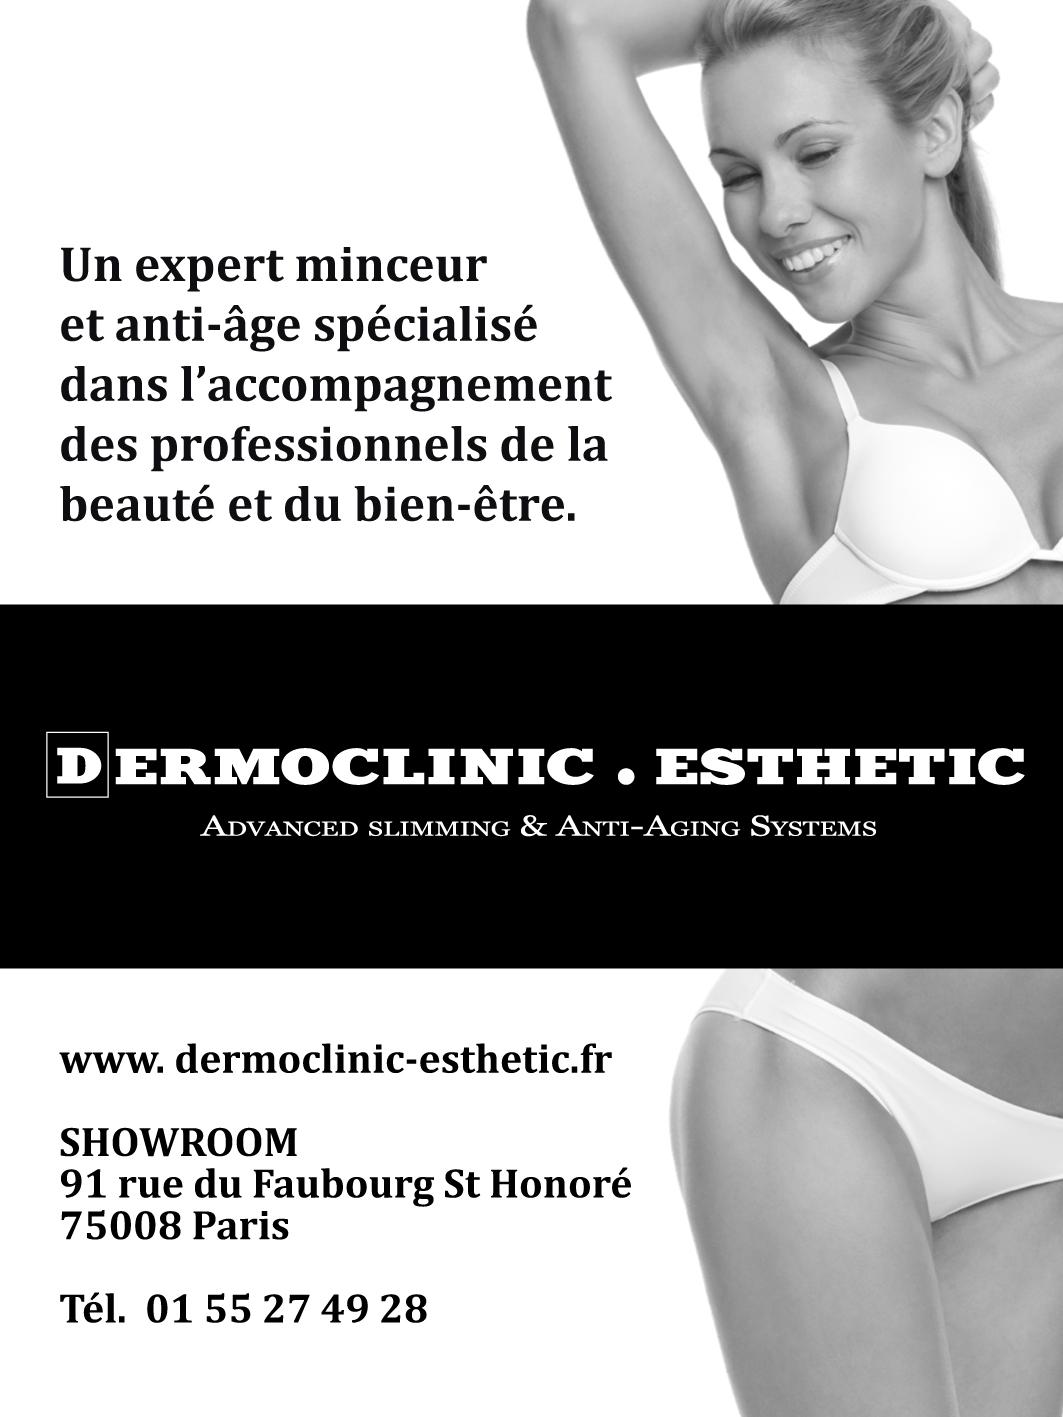 Dermoclinic Esthetic